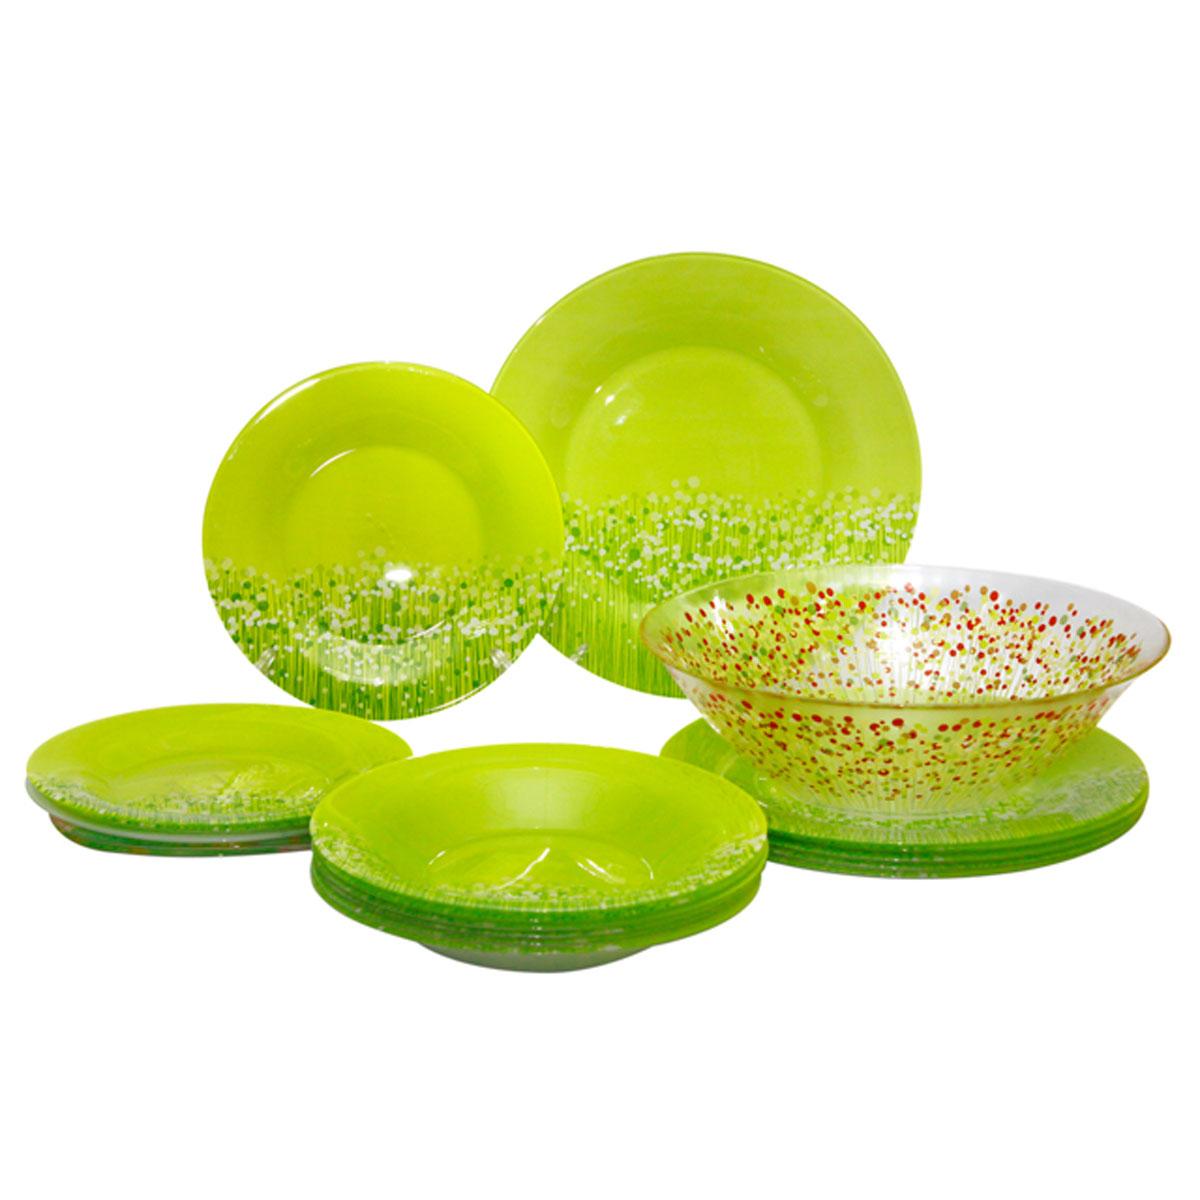 Набор столовой посуды Luminarc Flowerfield Anis, цвет: салатовый, красный, 19 предметовH2499Набор Luminarc Flowerfield Anis состоит из 6 суповых тарелок, 6 обеденных тарелок, 6 десертных тарелок и глубокого салатника. Изделия выполнены из ударопрочного стекла, имеют яркий дизайн с рисунком по краю и классическую круглую форму. Посуда отличается прочностью, гигиеничностью и долгим сроком службы, она устойчива к появлению царапин и резким перепадам температур. Такой набор прекрасно подойдет как для повседневного использования, так и для праздников или особенных случаев. Набор столовой посуды Luminarc Flowerfield Anis - это не только яркий и полезный подарок для родных и близких, а также великолепное дизайнерское решение для вашей кухни или столовой. Можно мыть в посудомоечной машине и использовать в микроволновой печи. Диаметр суповой тарелки: 21,5 см. Высота суповой тарелки: 3 см. Диаметр обеденной тарелки: 25 см. Высота обеденной тарелки: 1,5 см. Диаметр десертной тарелки: 19,5 см. Высота...